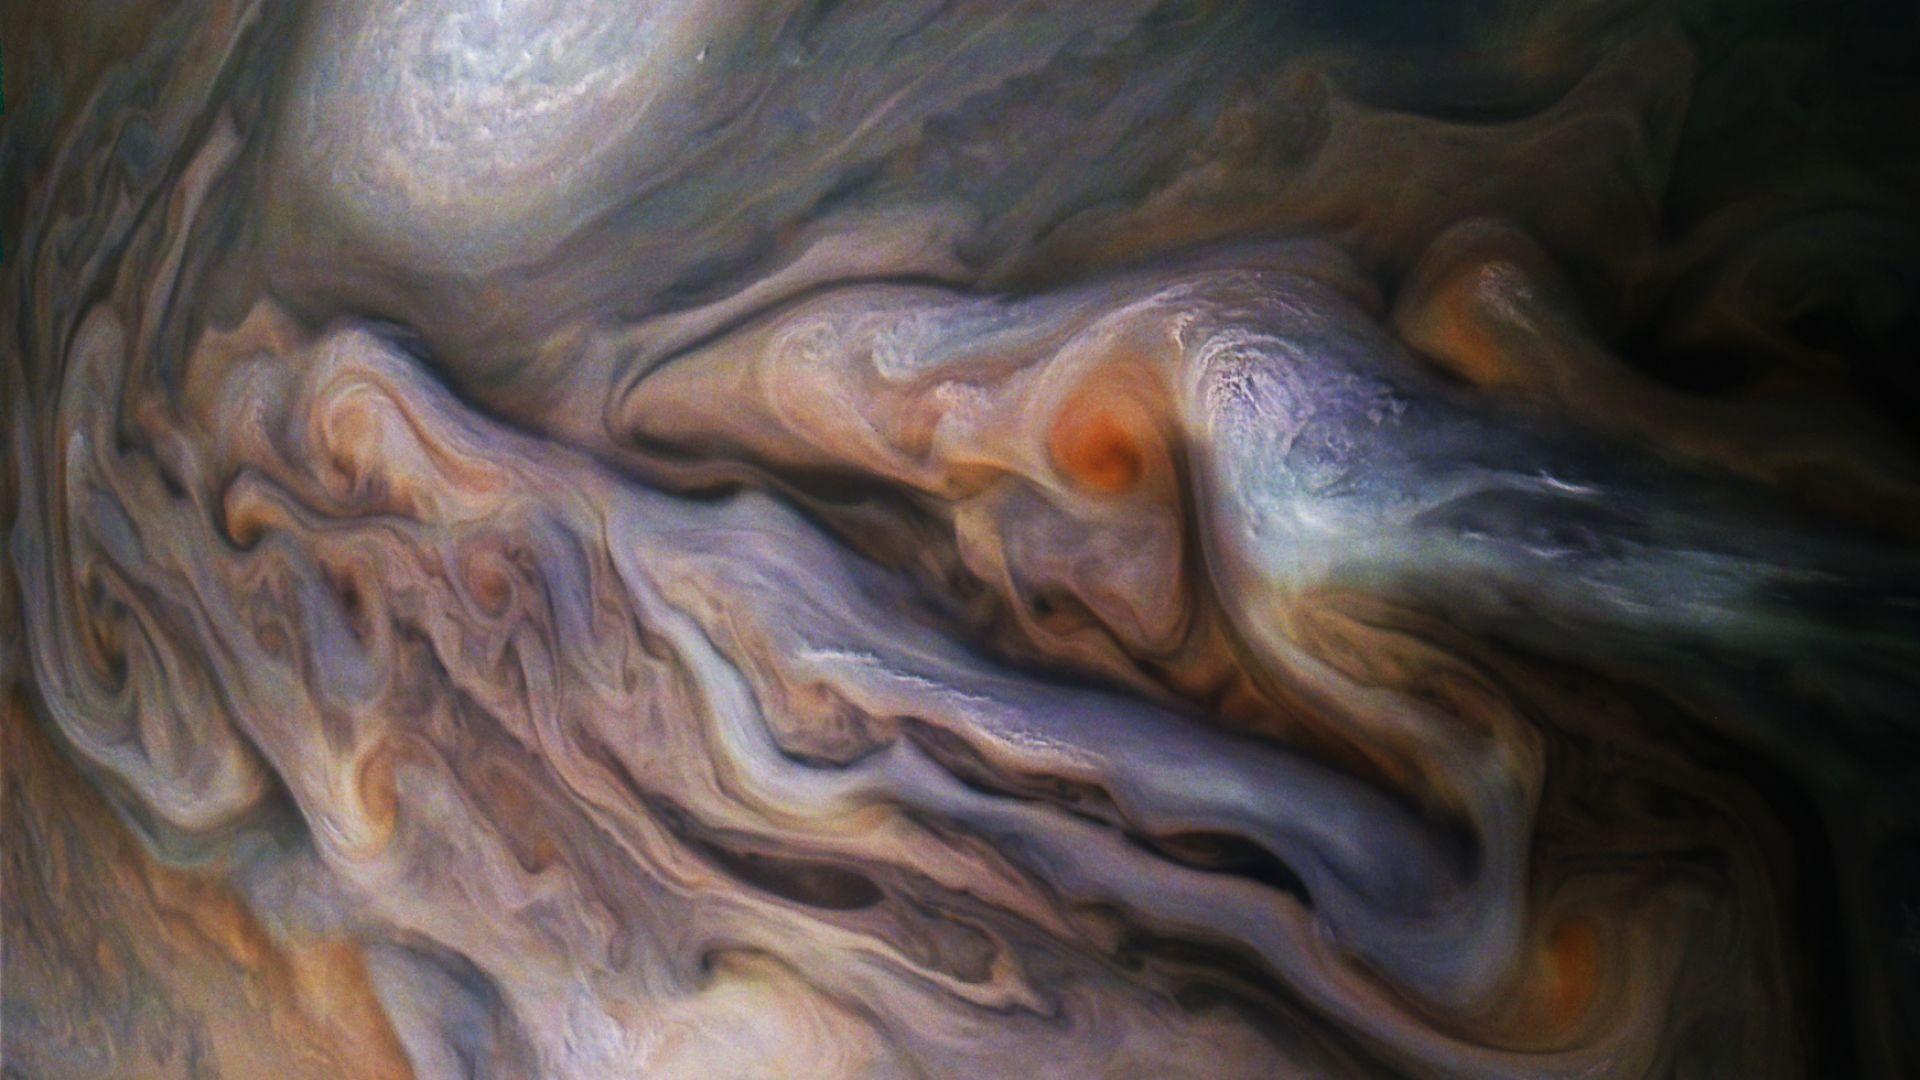 НАСА публикува нови снимки от Юпитер